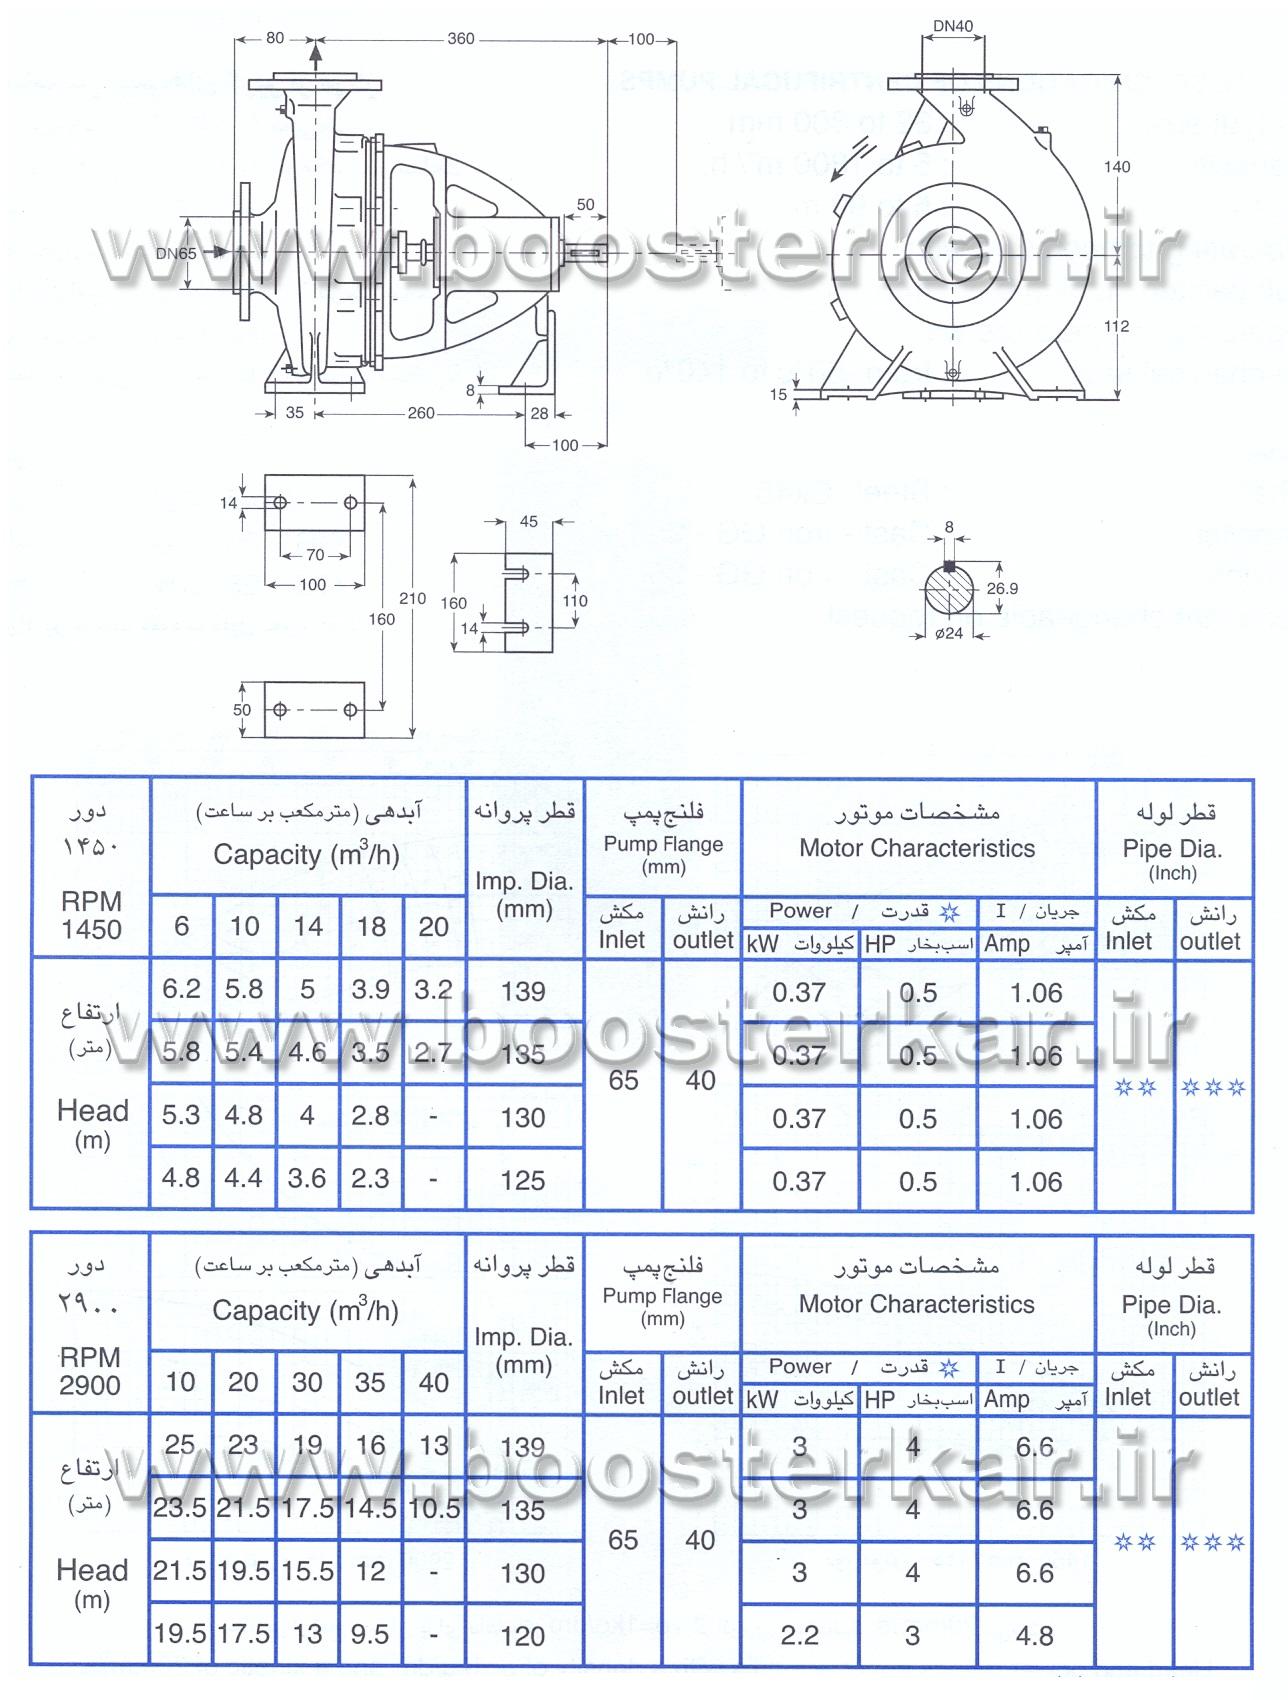 نقشه و جدول الکترو پمپ گریز از مرکز پمپیران